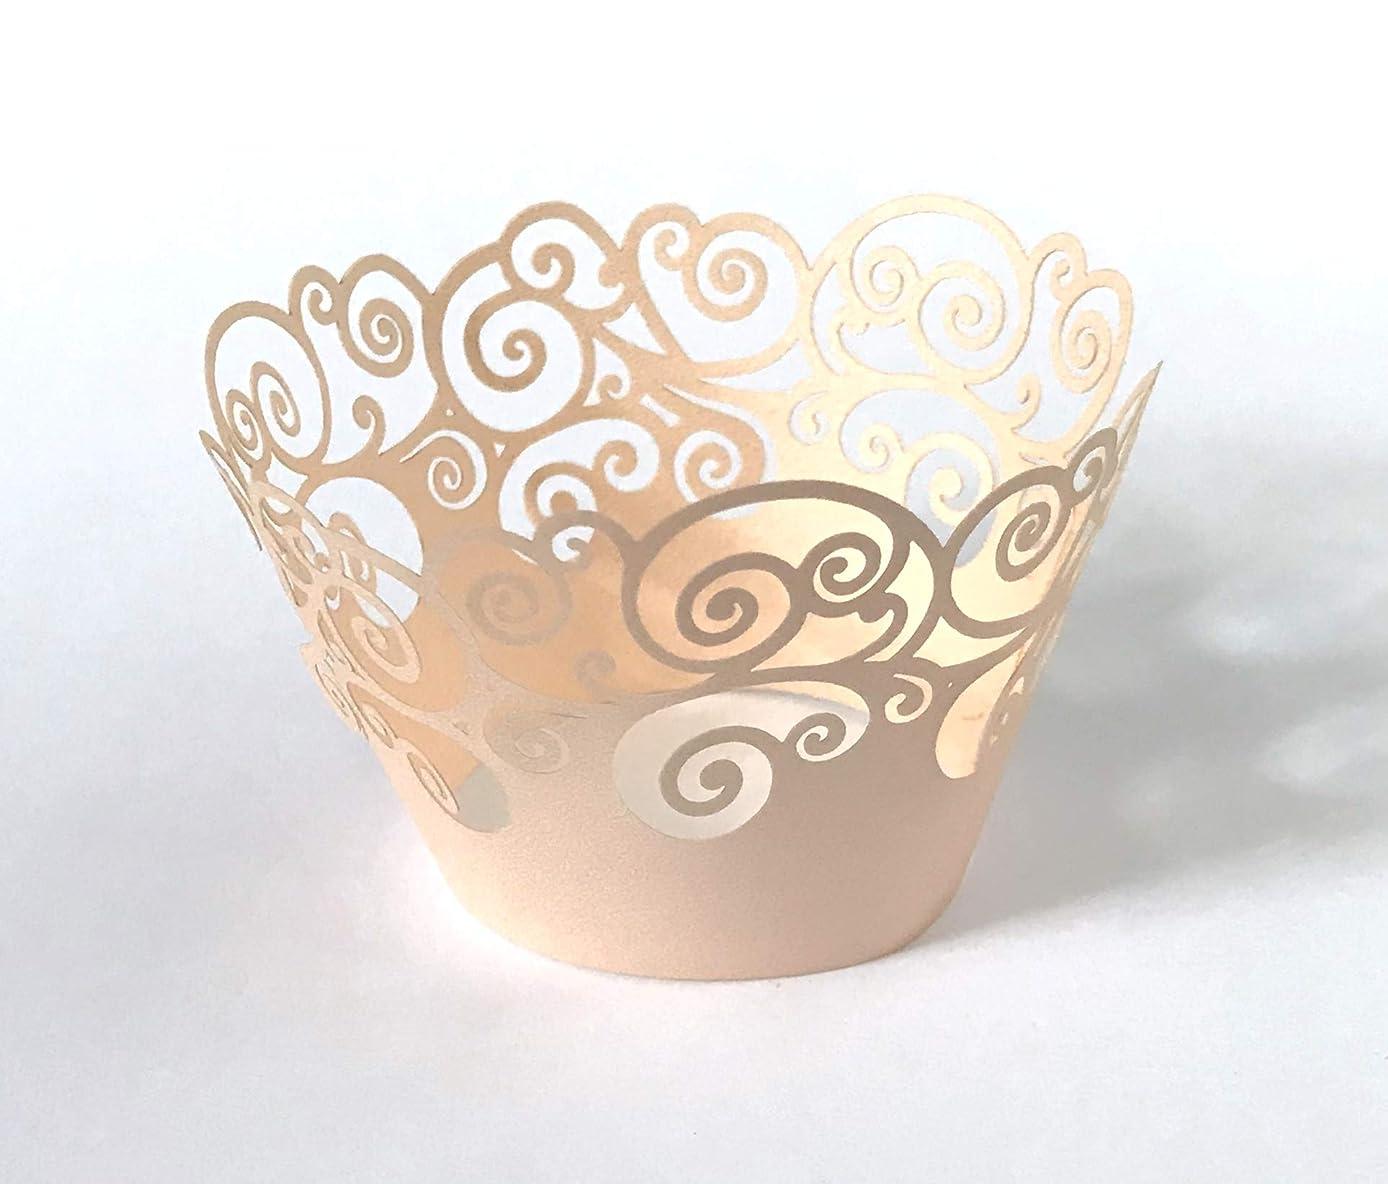 十分転送シェルター12個 スワールデザイン カップケーキラッパー 標準サイズのカップケーキライナー用 (色をお選びください) Standard Size